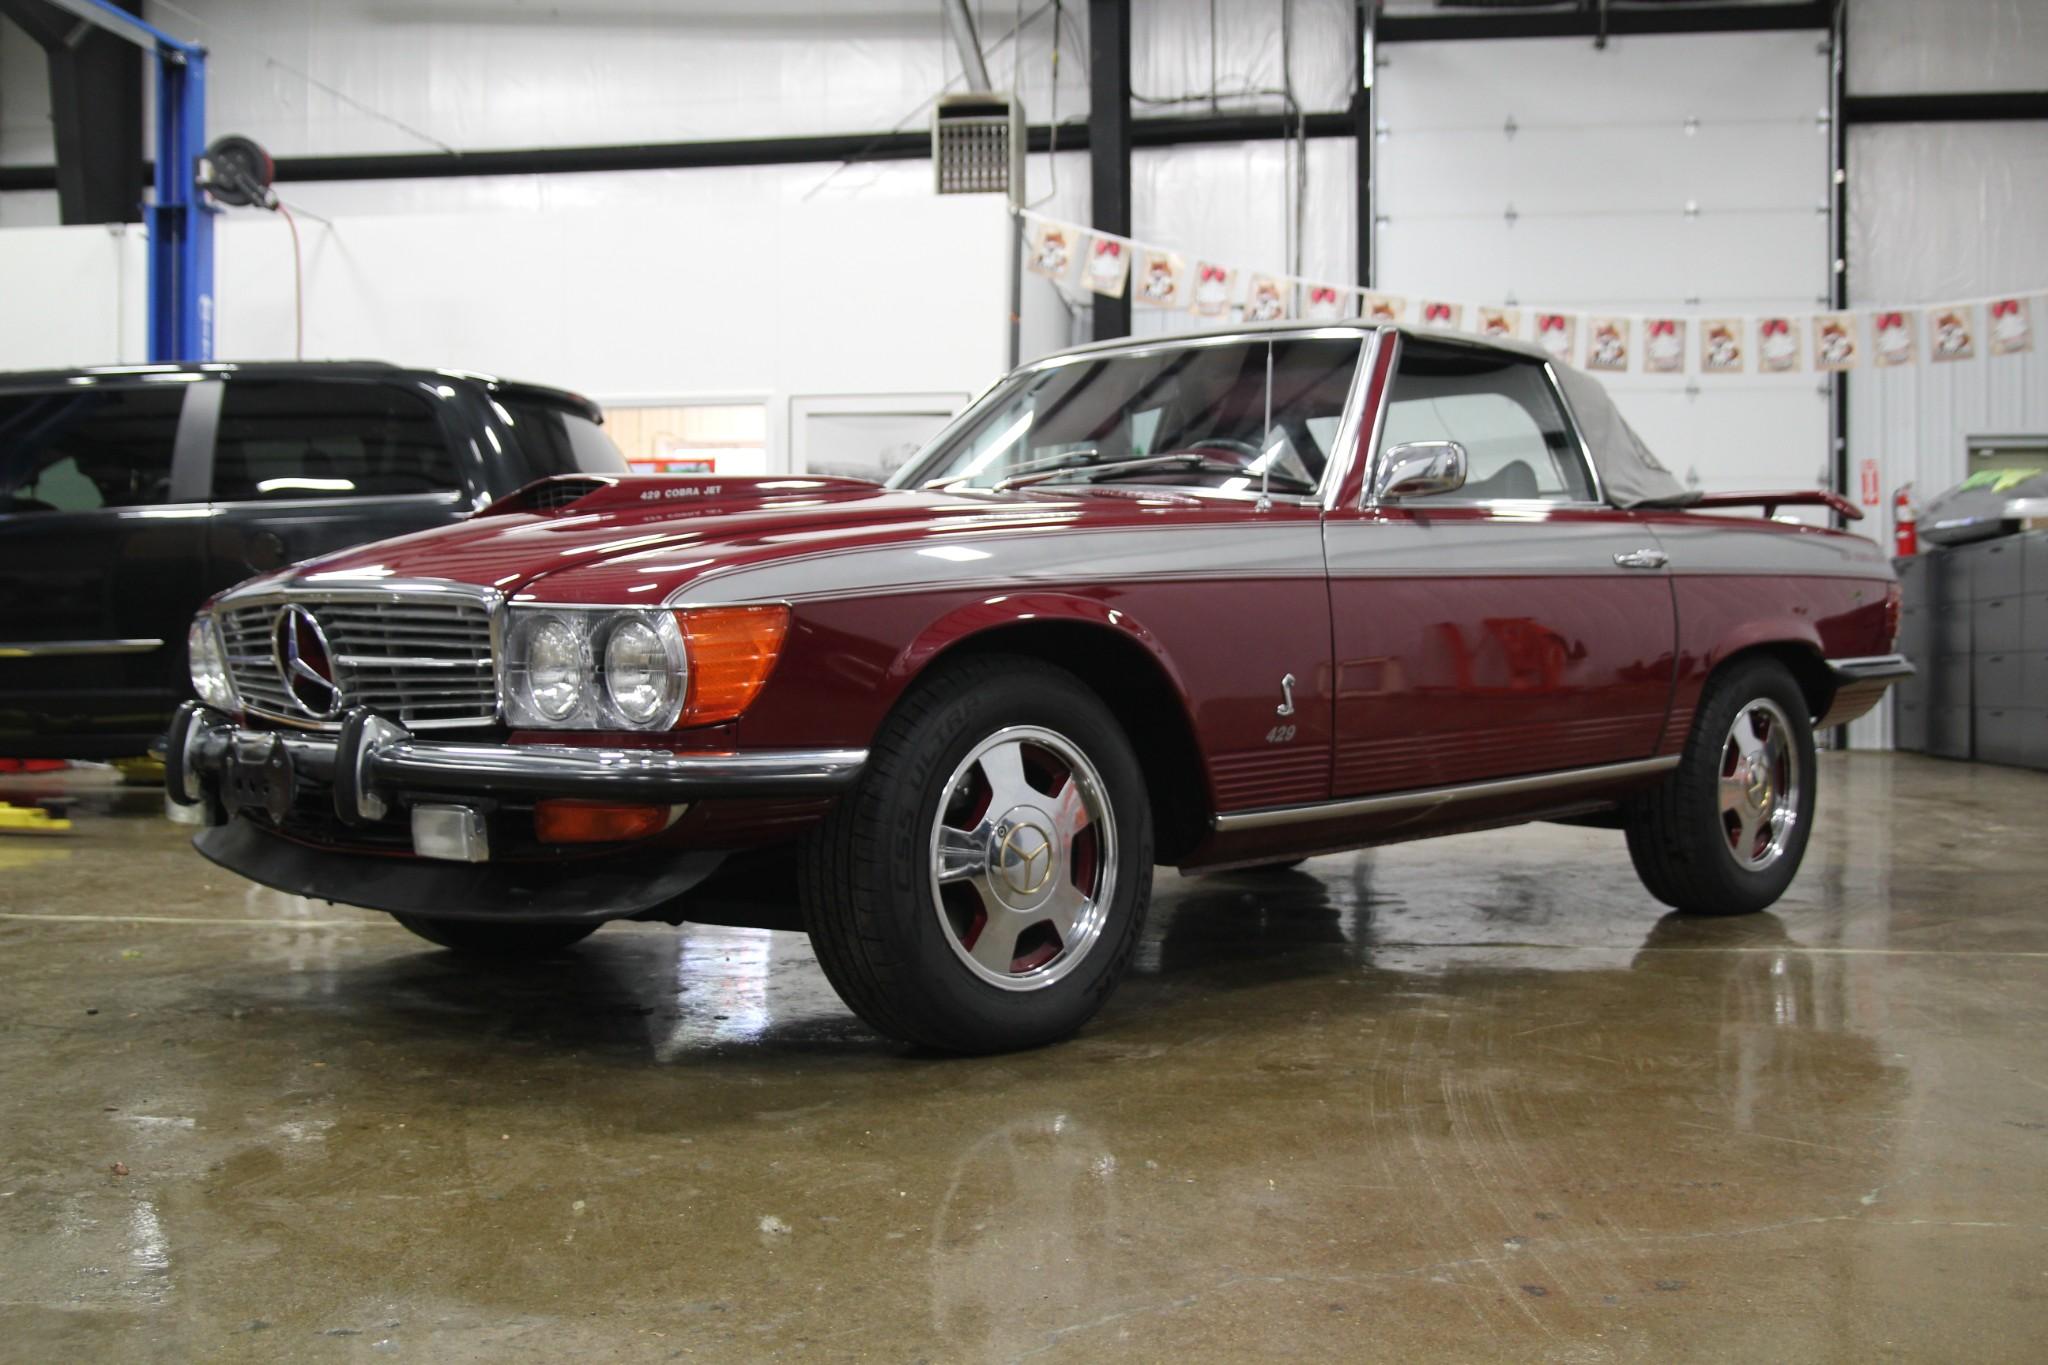 BangShift Cobra Benz This 1973 Mercedes Benz 450SL Is Now A 429